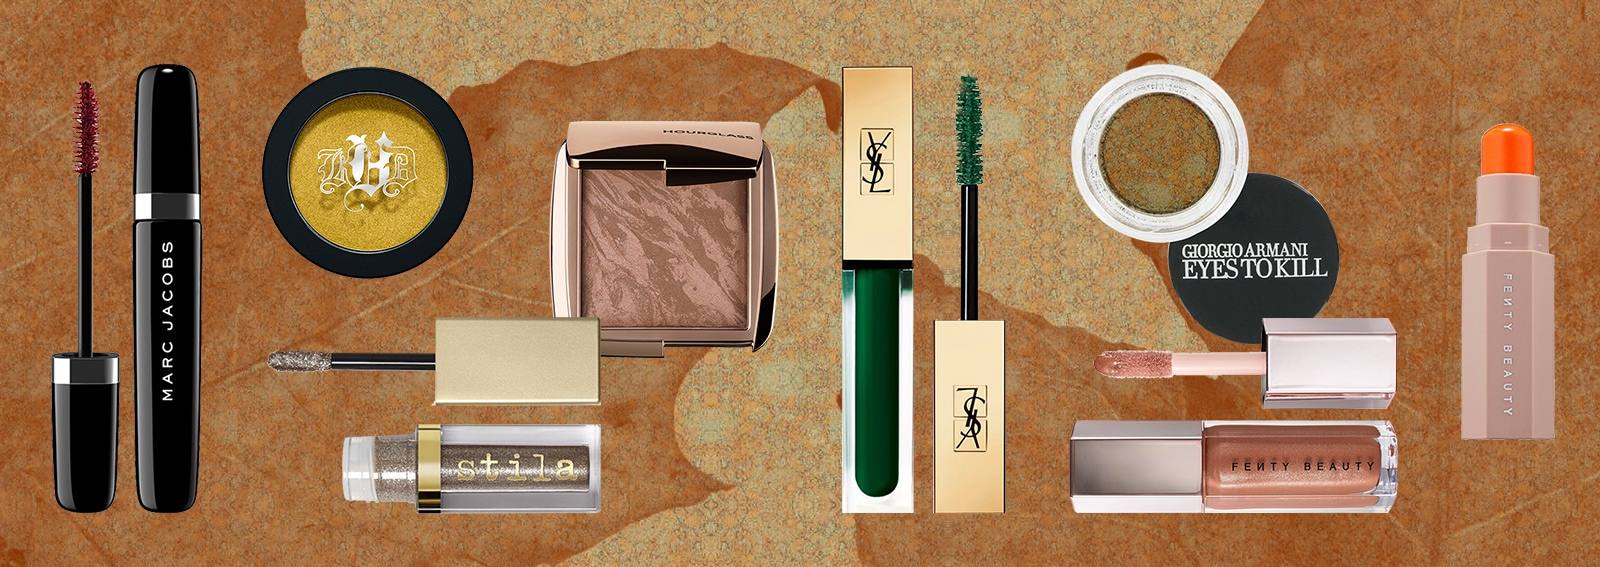 cover-trucco-foliage-il-makeup-nei-desktop